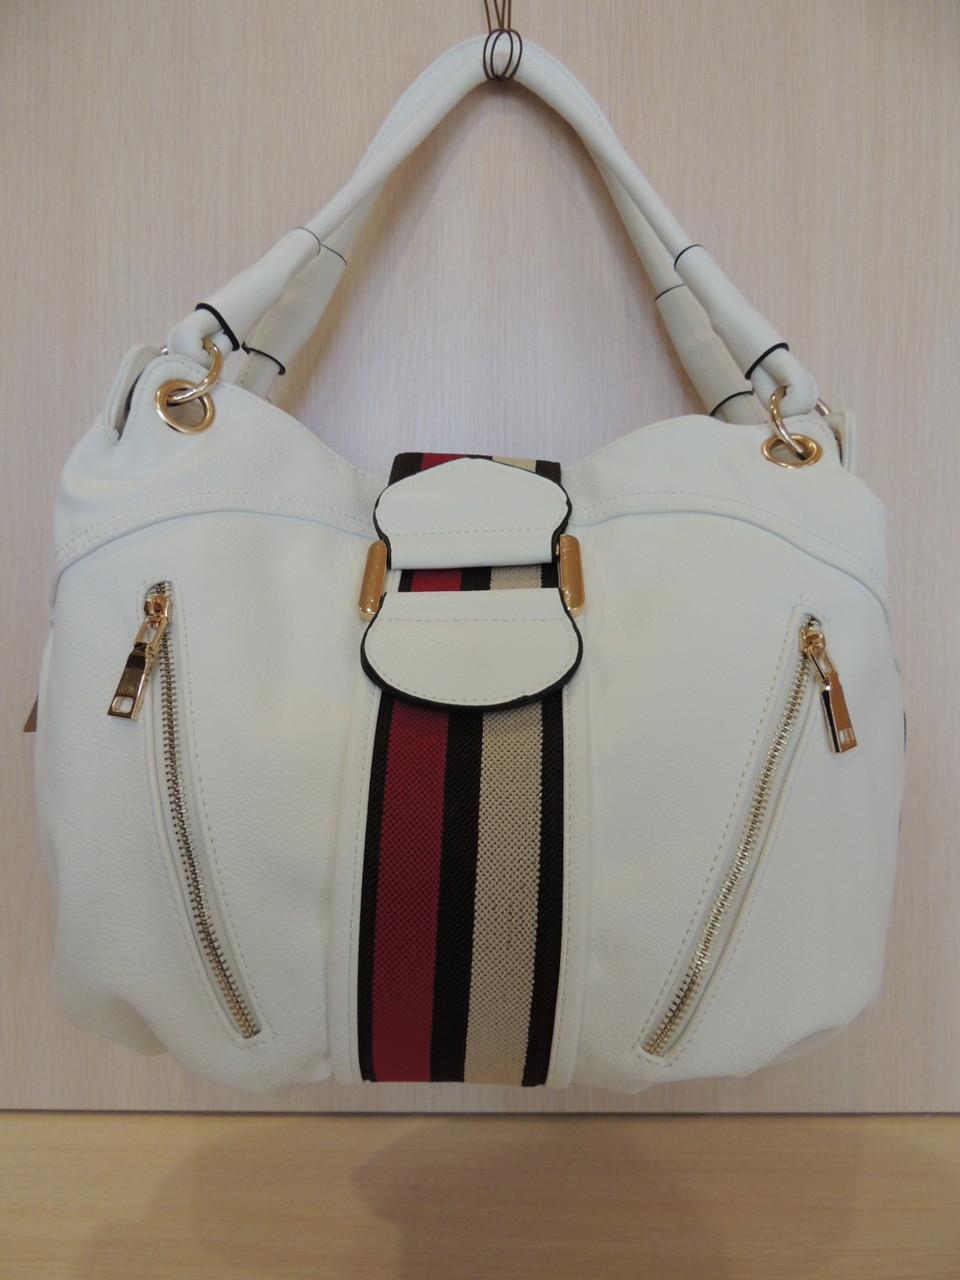 Красивая сумочка женская эко-кожа белая, синяя, коричневая. Италия